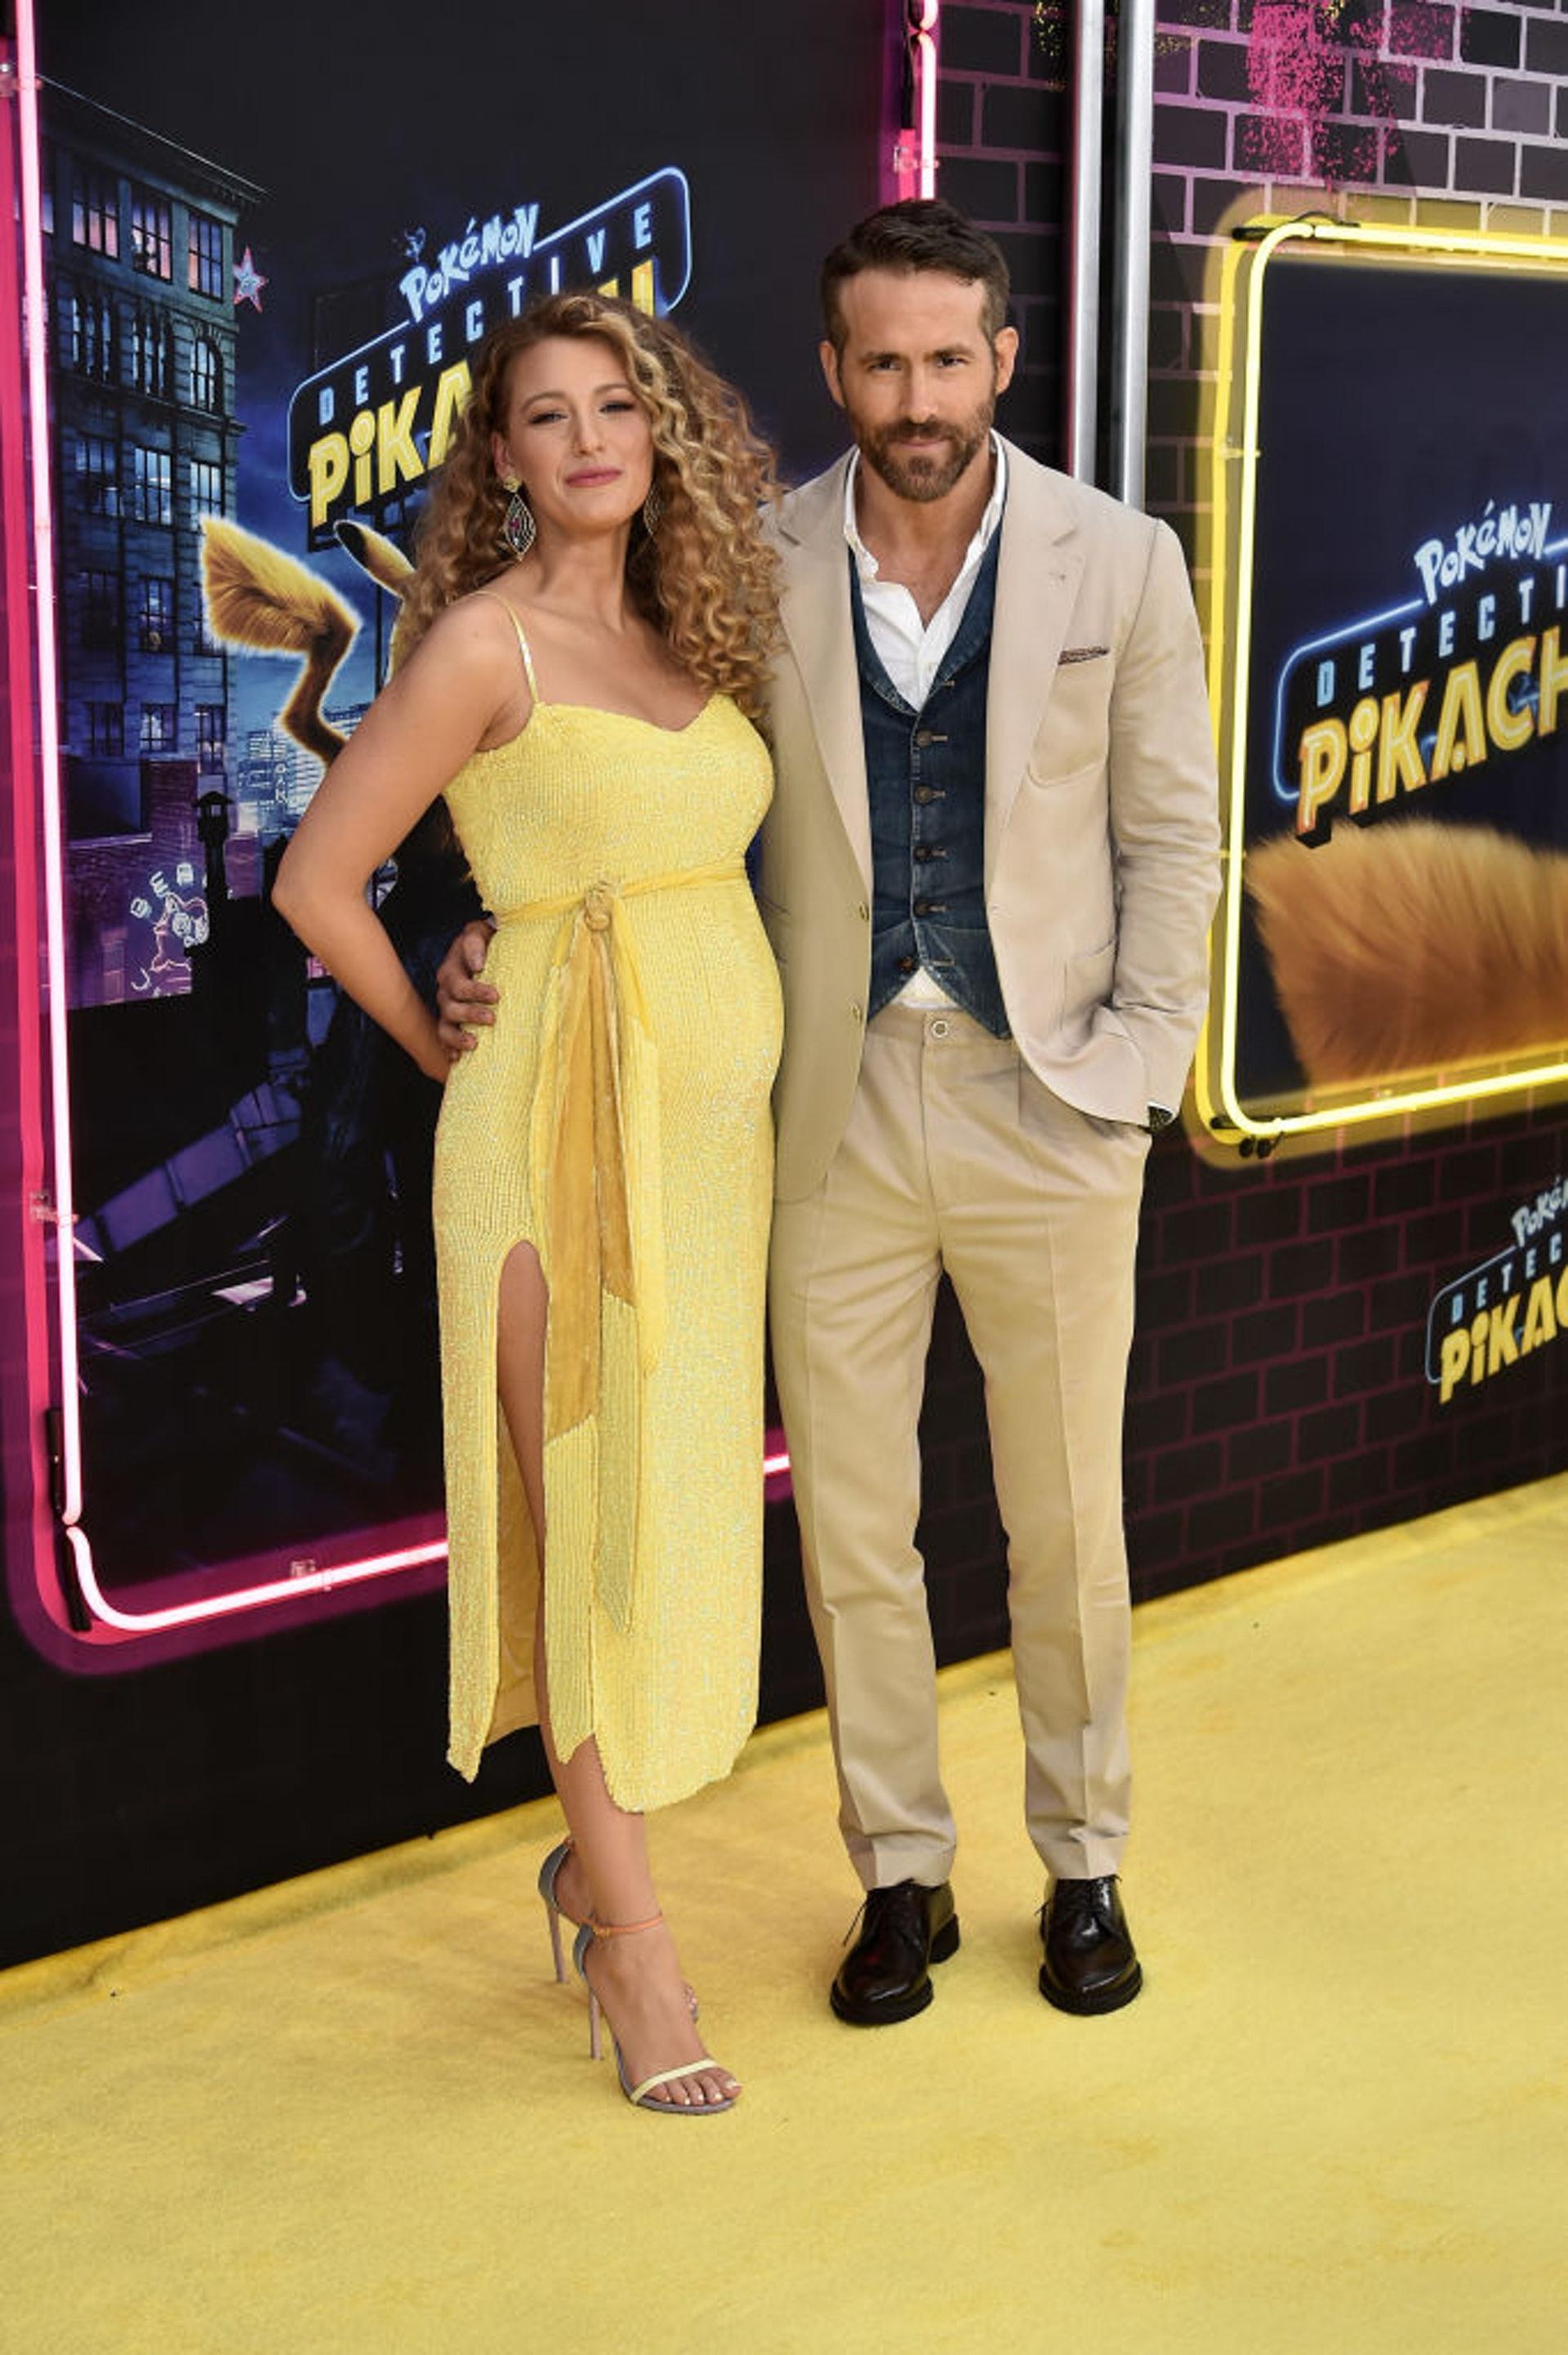 Blake Lively陪老公Ryan Reynolds出席首映禮,大肚亮相宣布懷孕喜訊!(Getty Images)